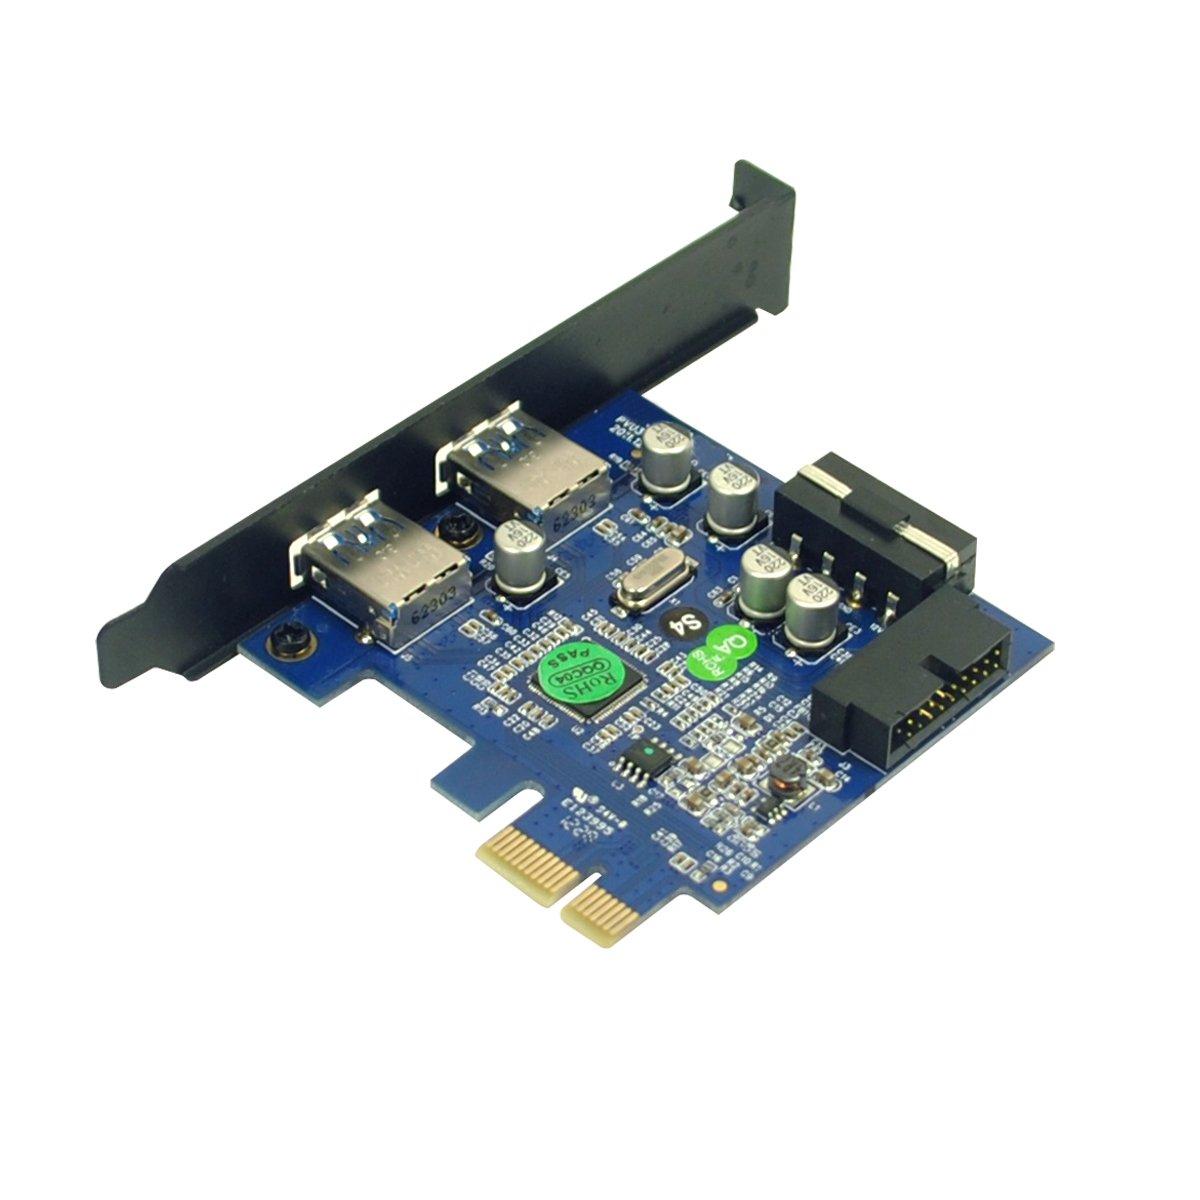 5/V//4/Broches Male Power Connector Incluse dans la Livraison Ancre Uspeed Carte PCI-E vers USB 3.0/2/Ports Express Card avec 1/USB 3.0/20/Broches m/âle